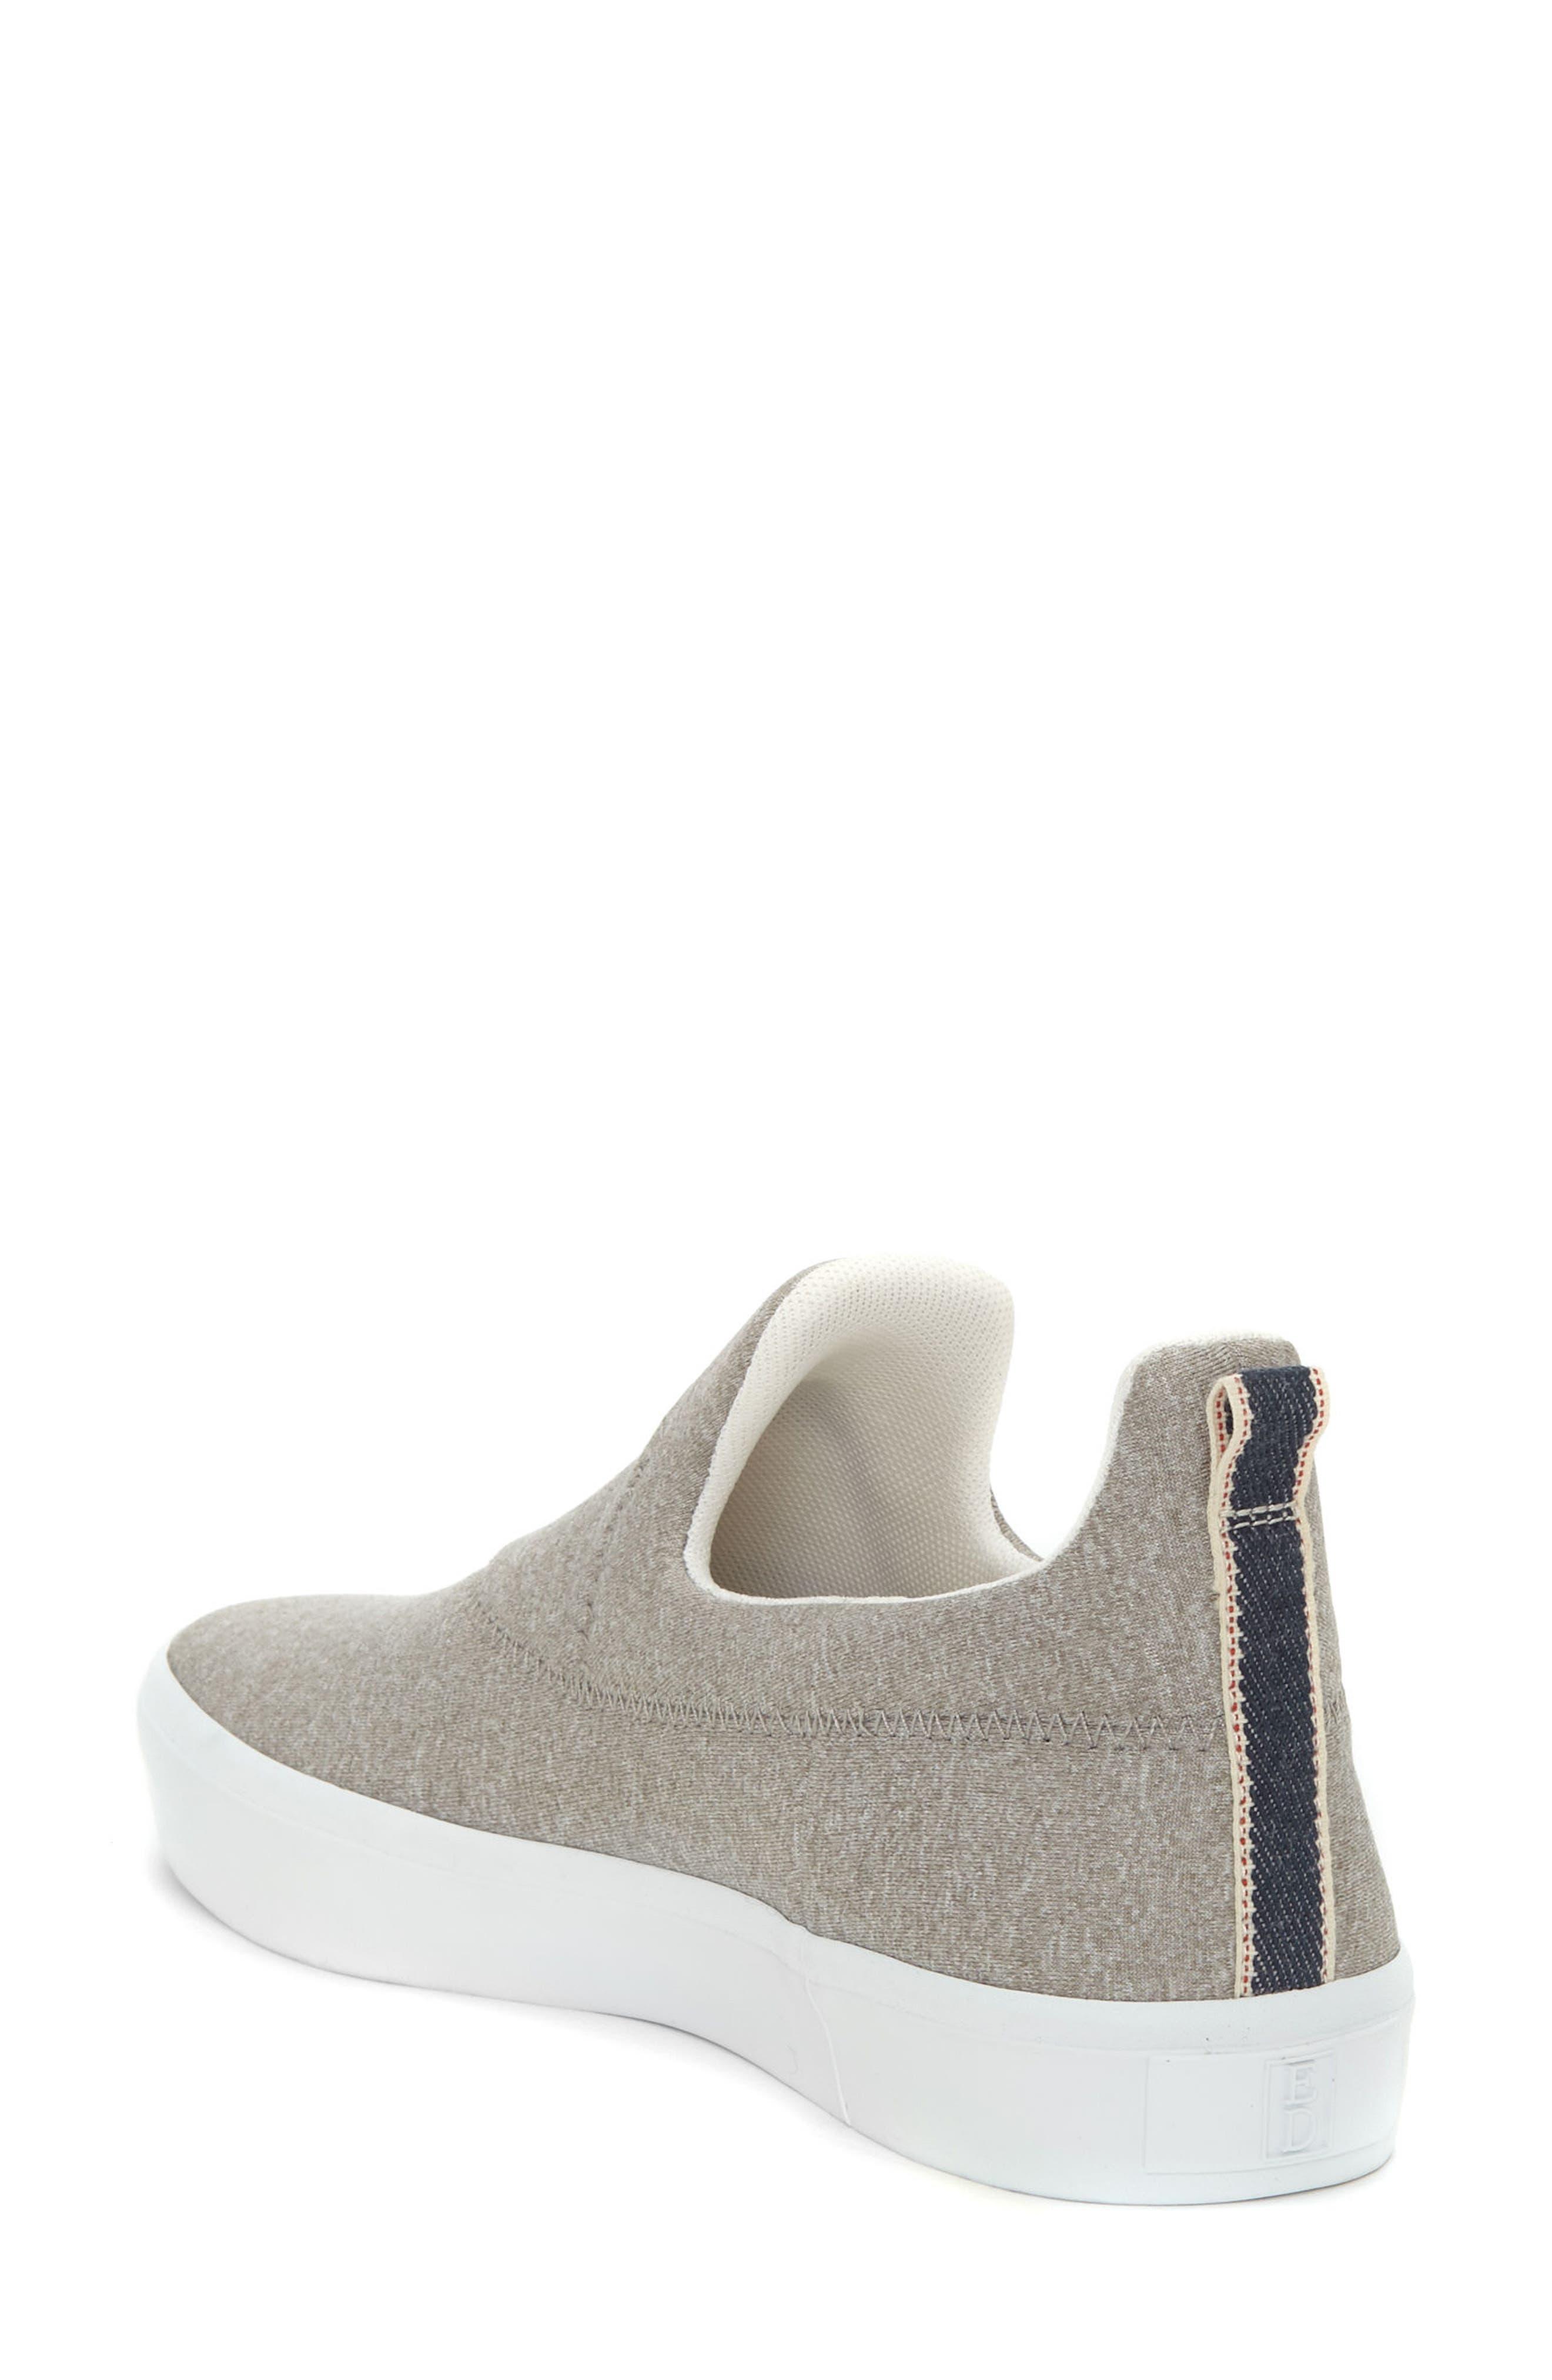 Daire Slip-On Sneaker,                             Alternate thumbnail 5, color,